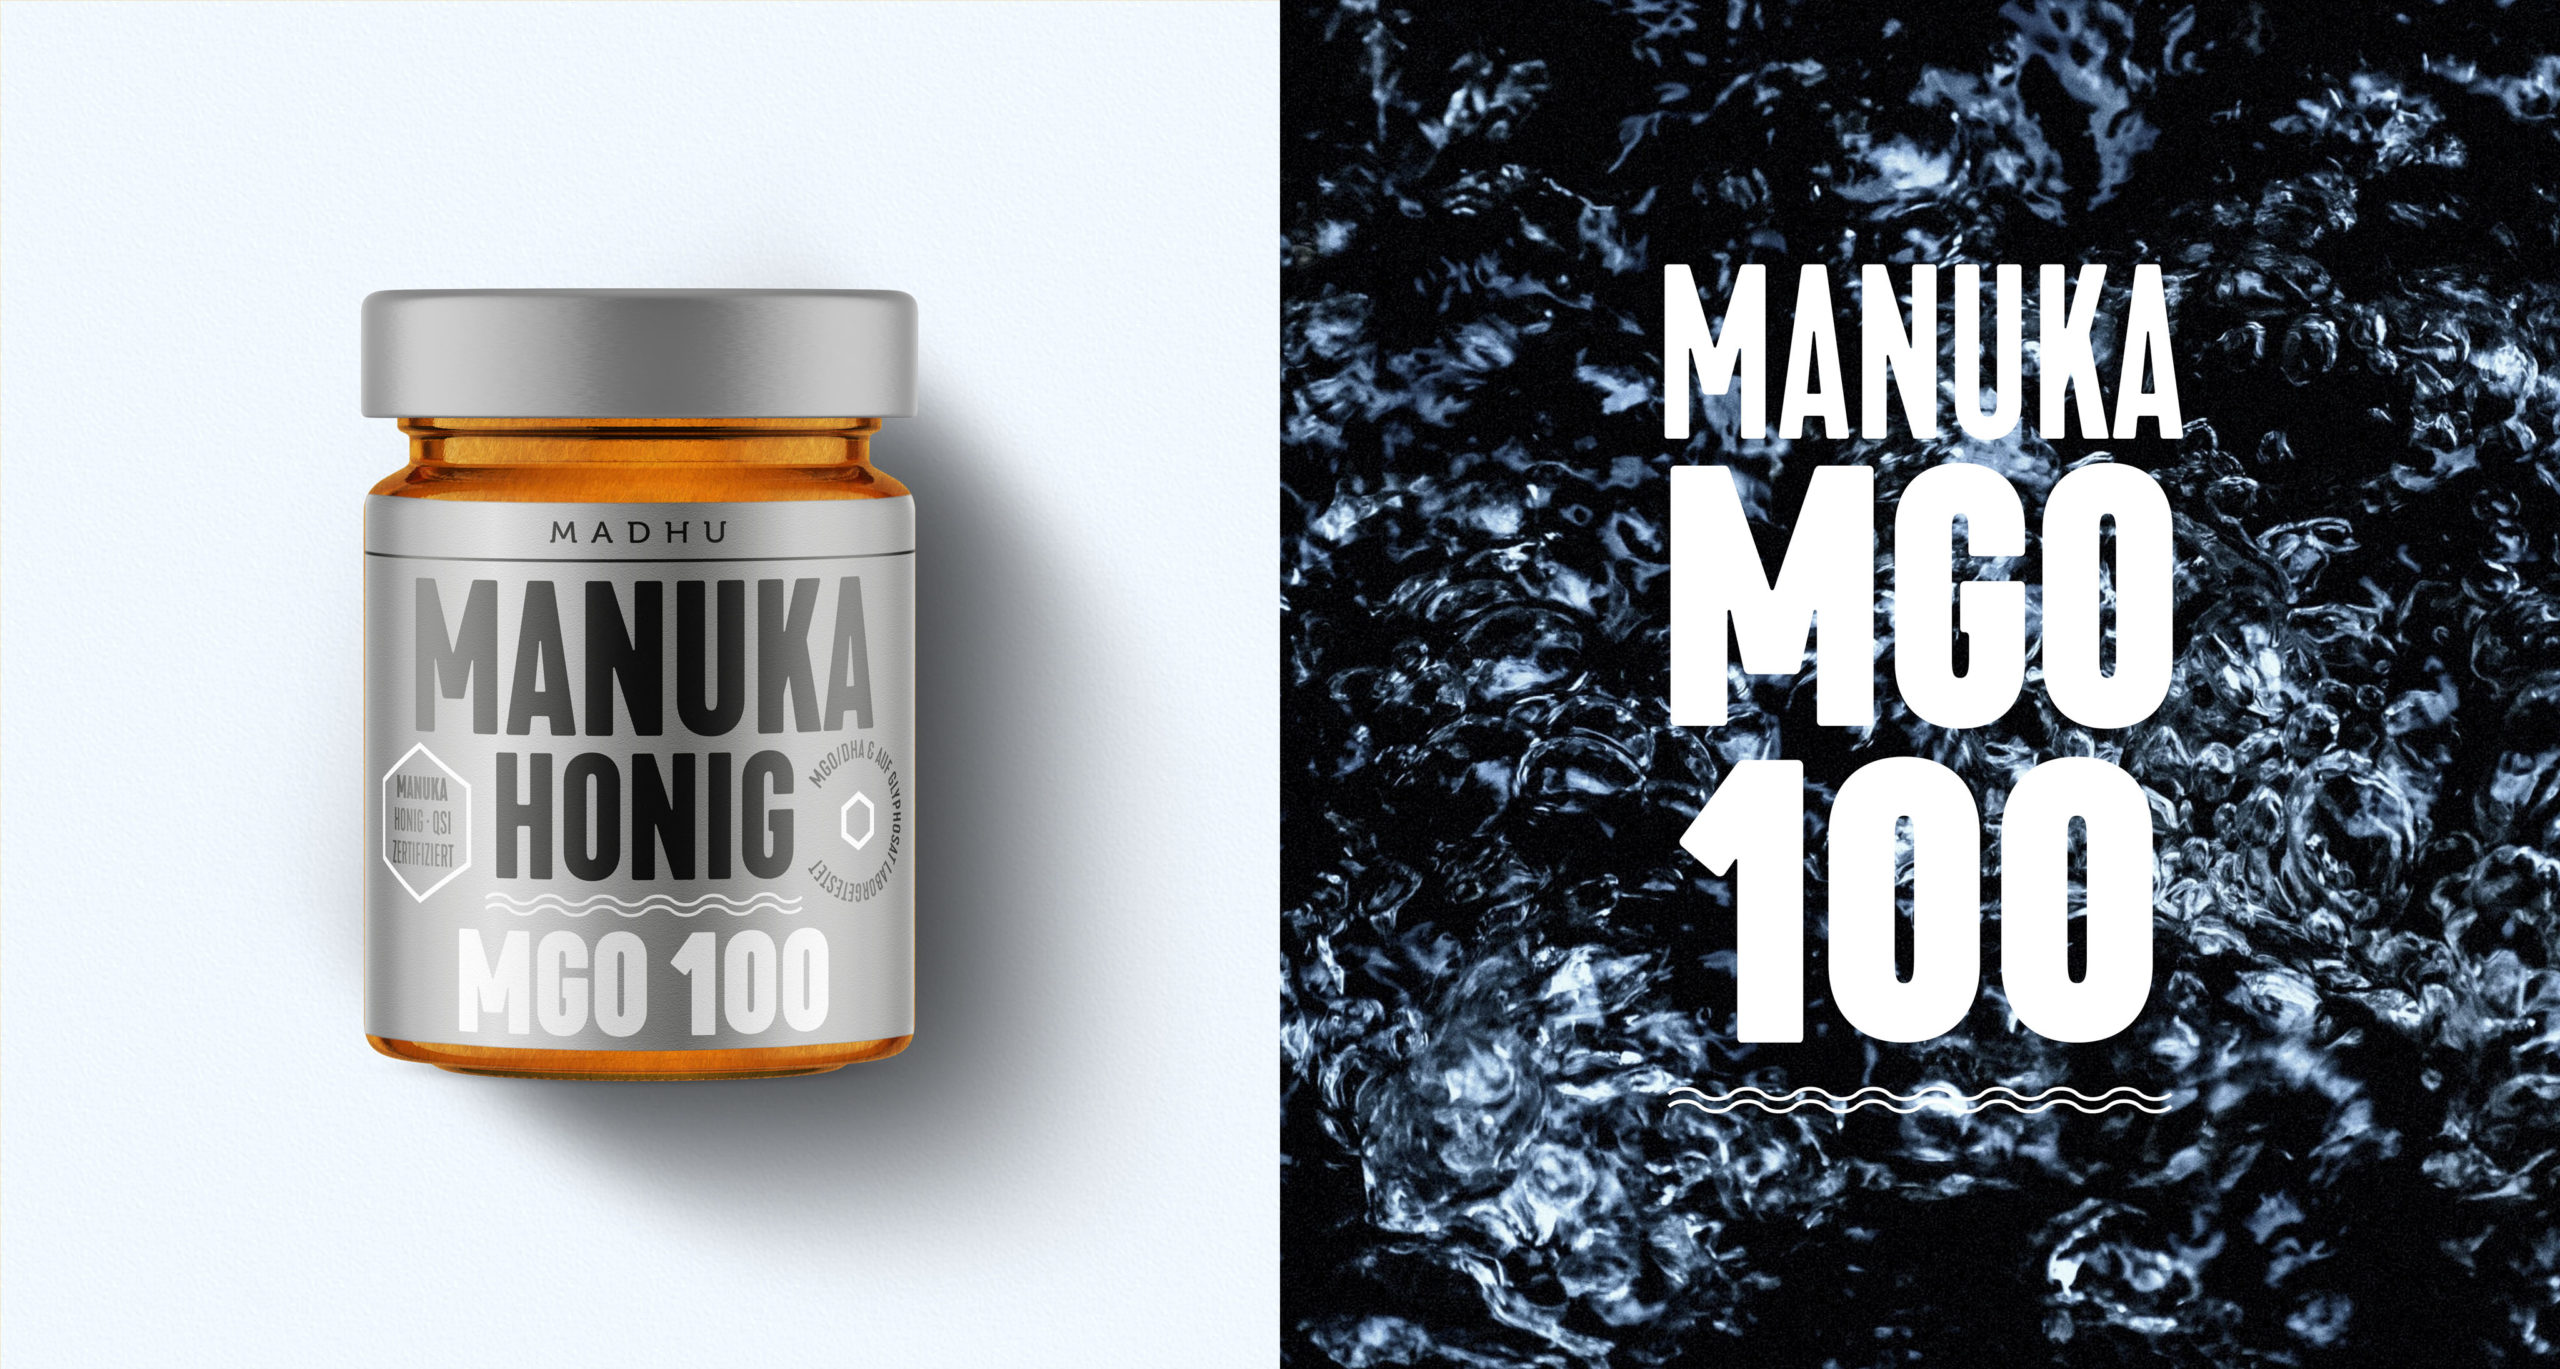 Manuka Honig MGO 100